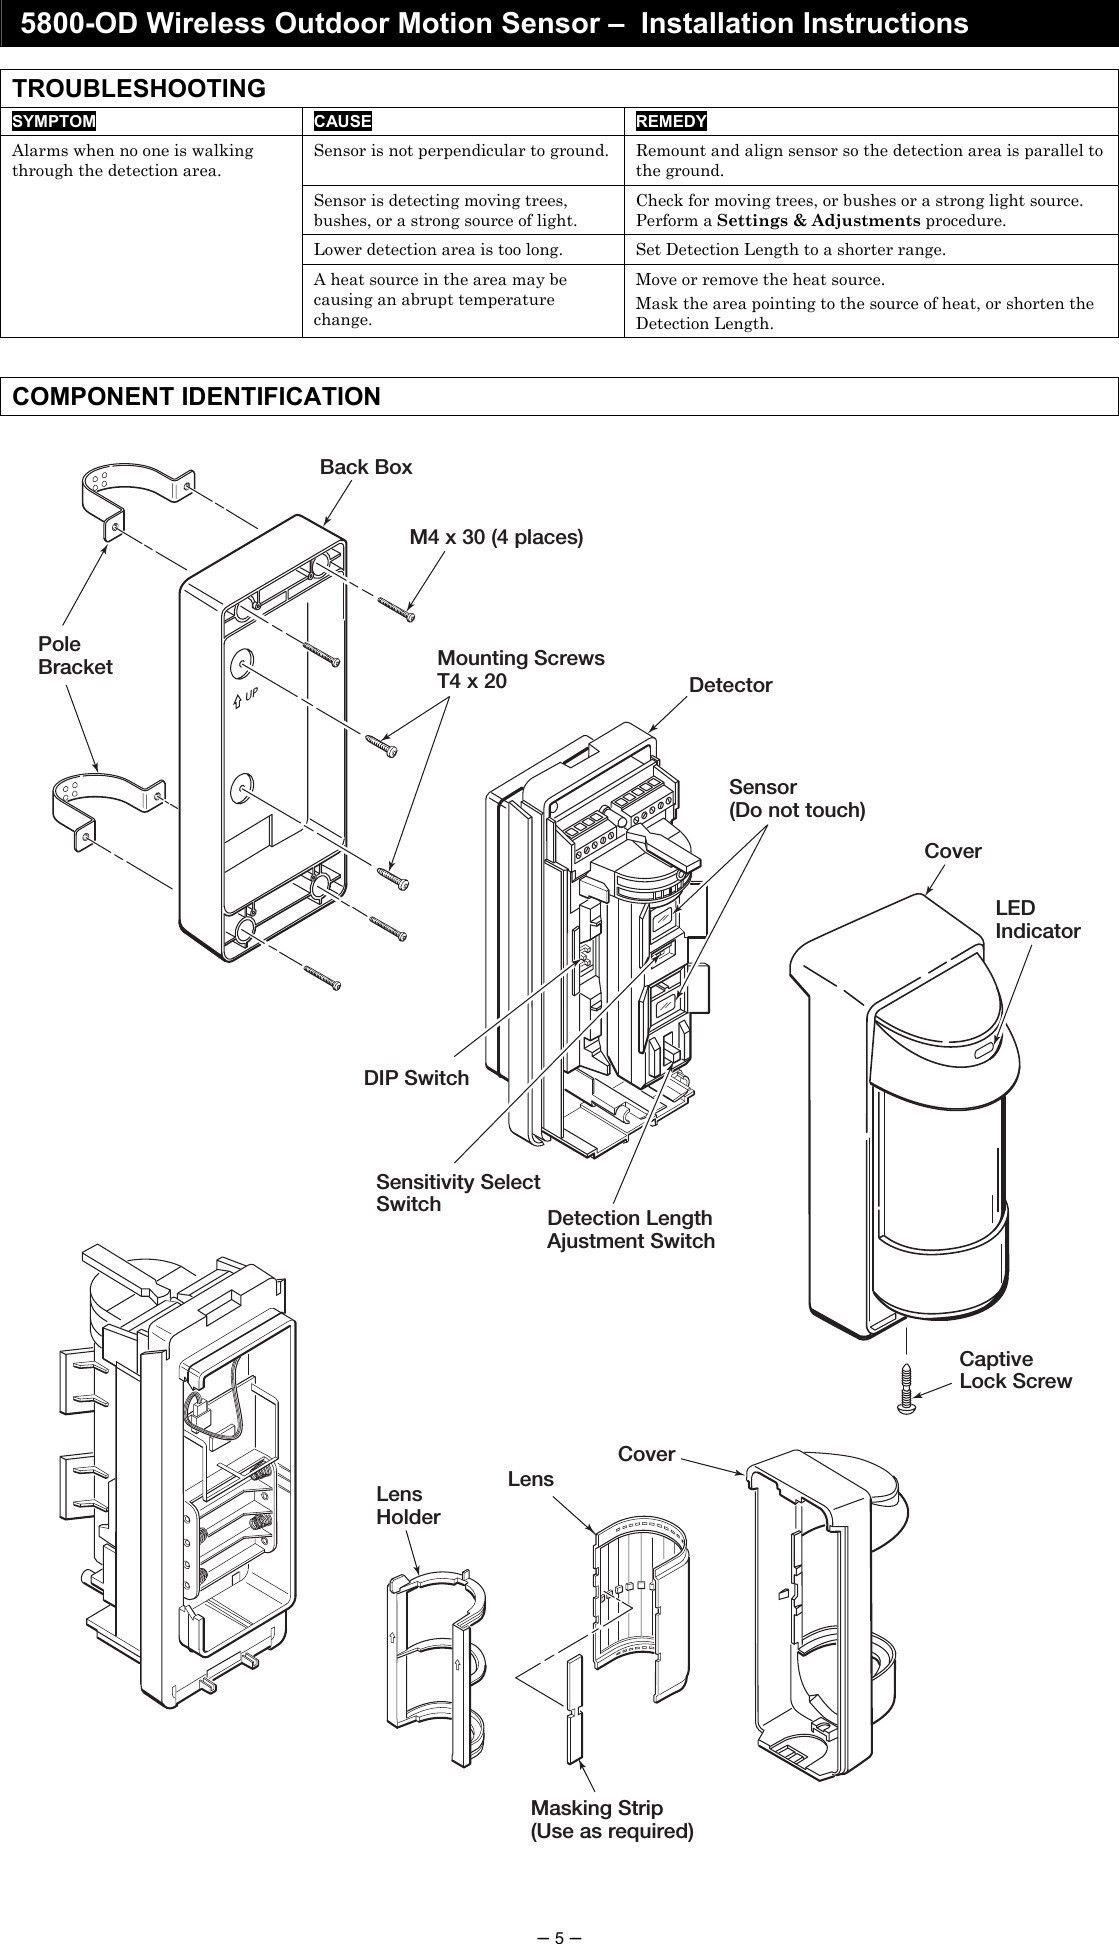 25 Complex Automotive Wiring Diagram Software For You Https Bacamajalah Com 25 Complex Automotive Wiring Diag Garage Doors Door Repair Motion Sensor Lights